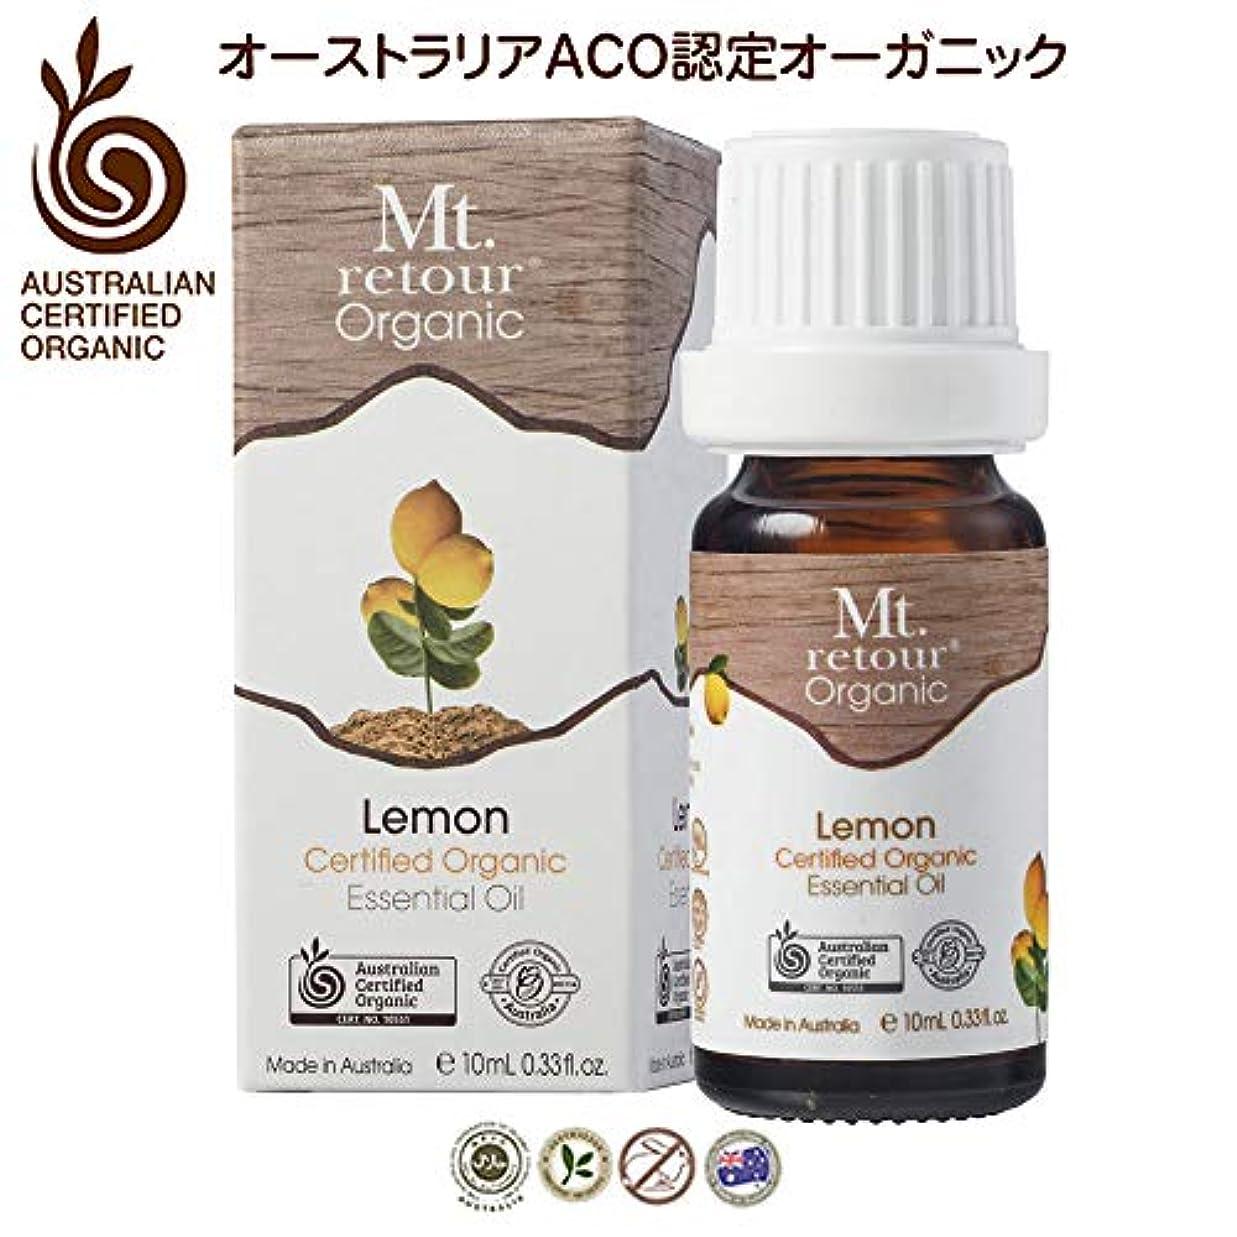 委託スペード軽量Mt. retour ACO認定オーガニック レモン 10ml エッセンシャルオイル(無農薬有機栽培)アロマ